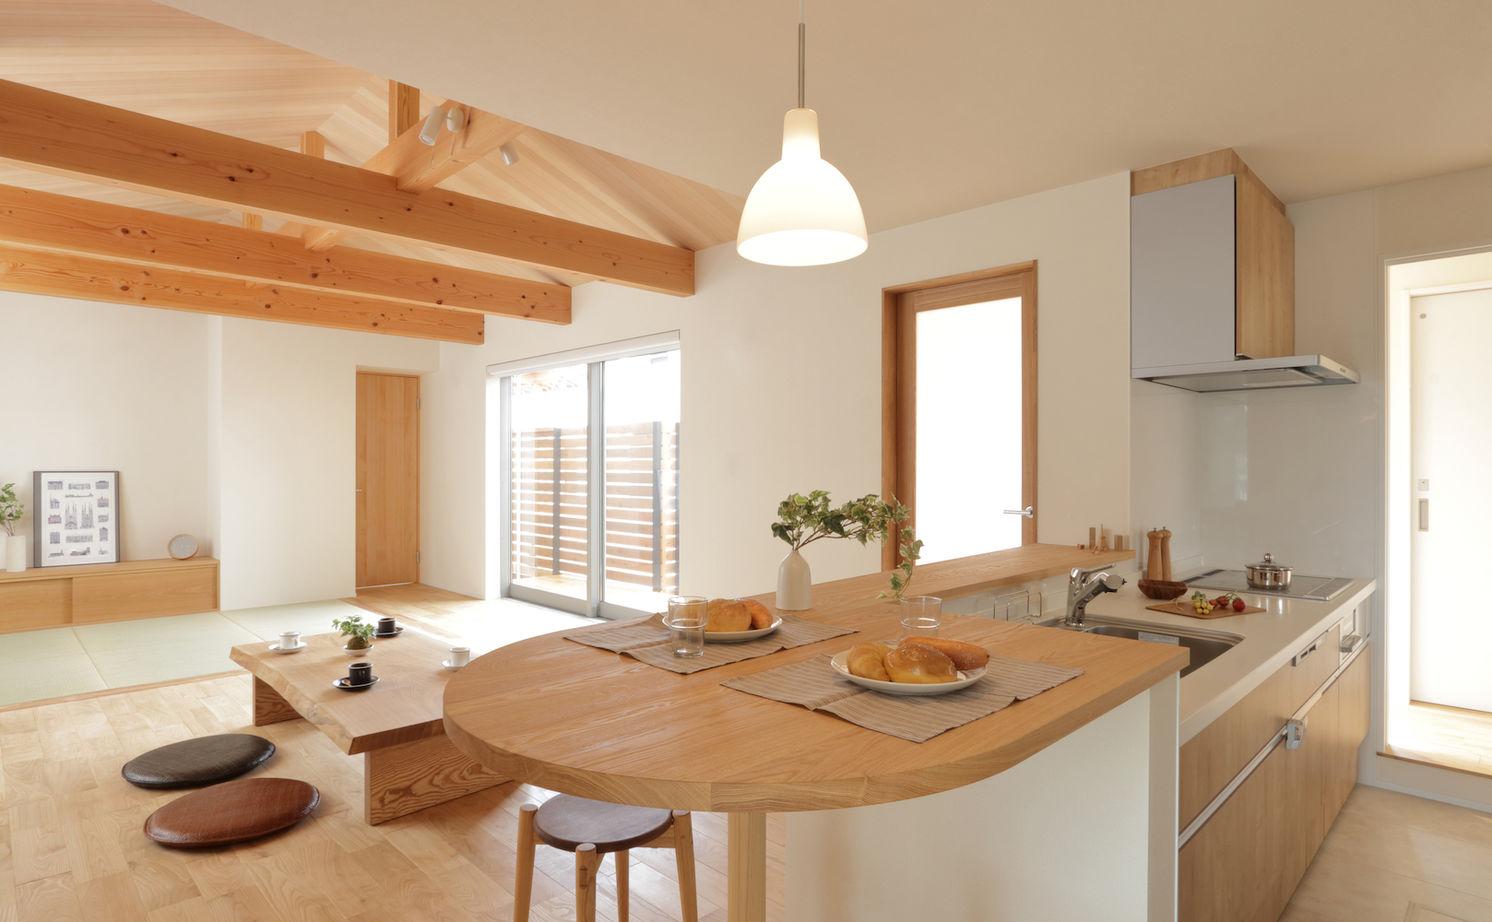 座卓に濡縁に板張りで仕上げた勾配天井。「ほっこり寛ぐ」がテーマの庭を望む家画像3